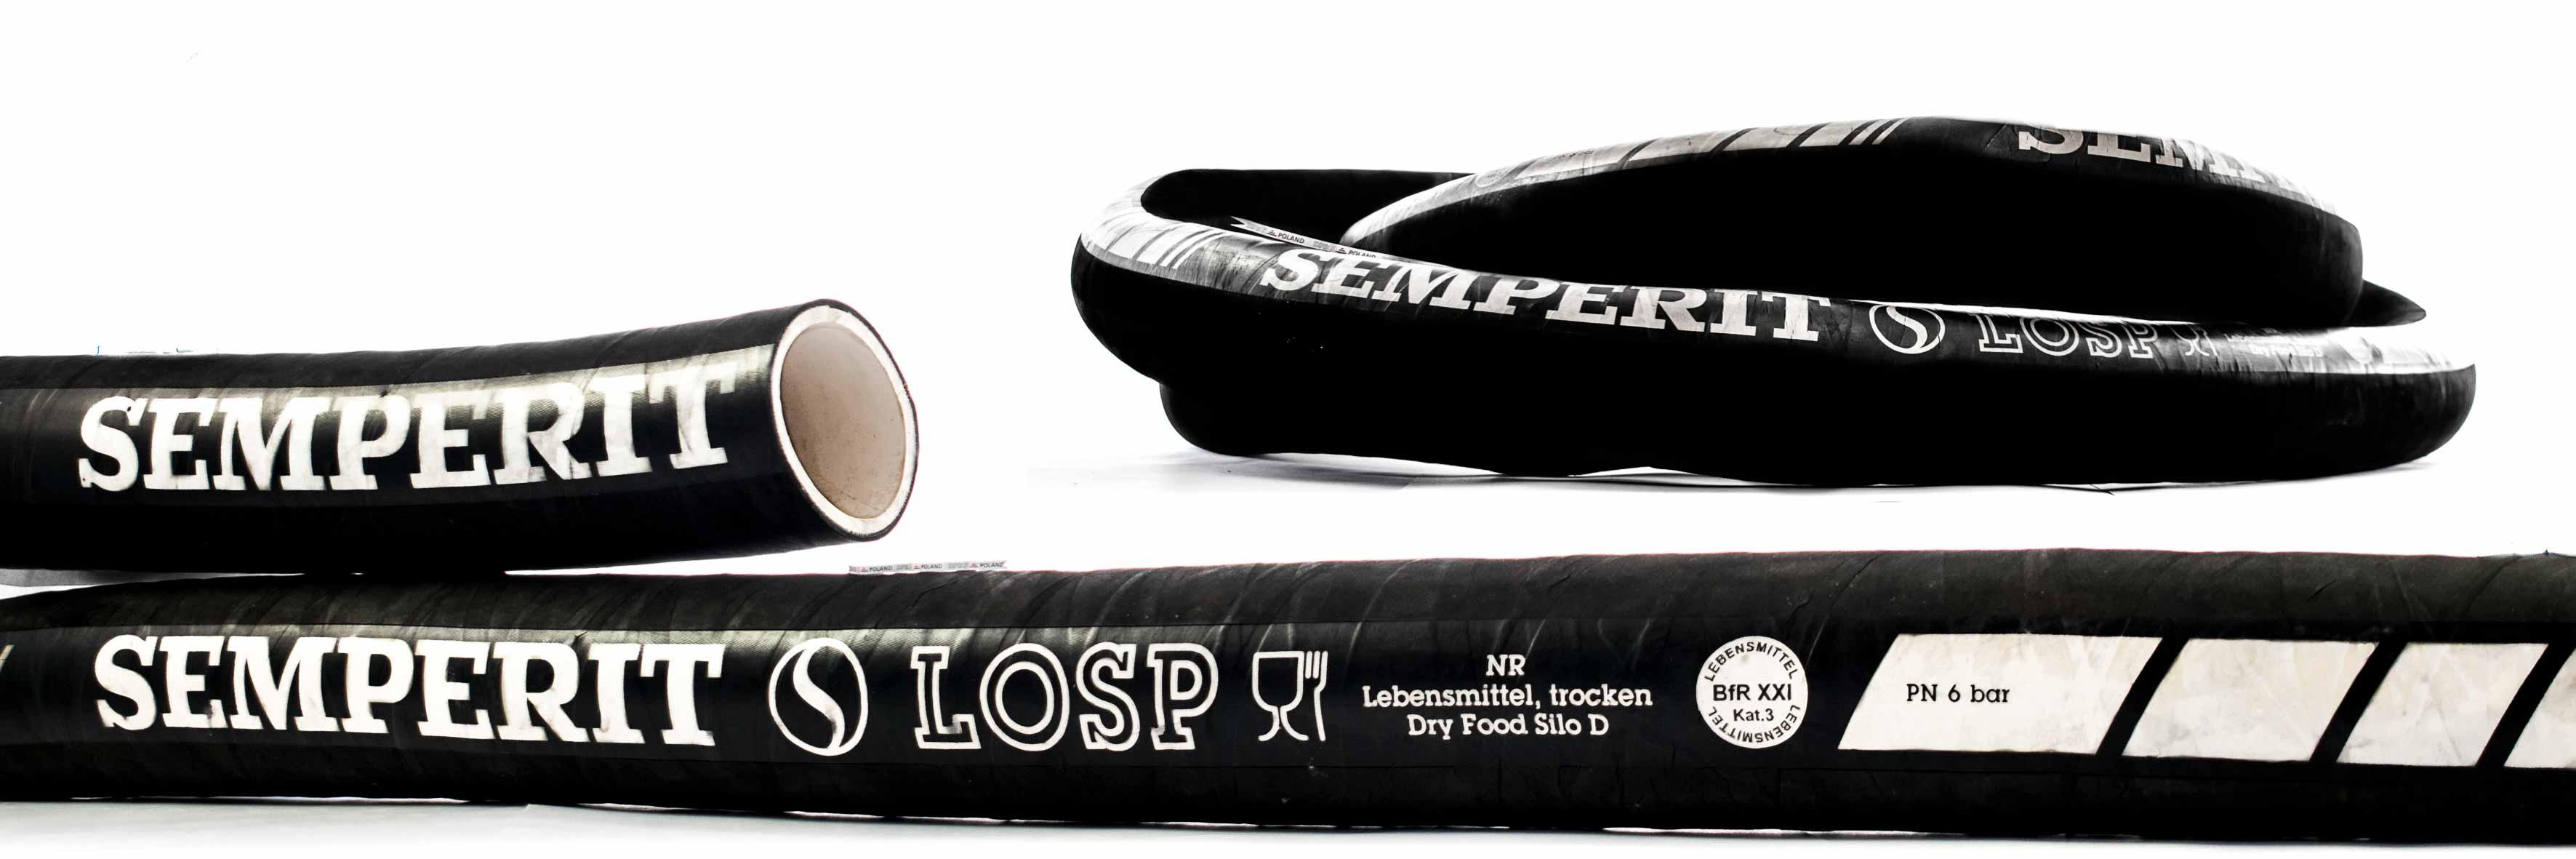 Wąż przemysłowy do substancji spożywczych, sypkich, trudnościeralny - SILO LOSP Semperit